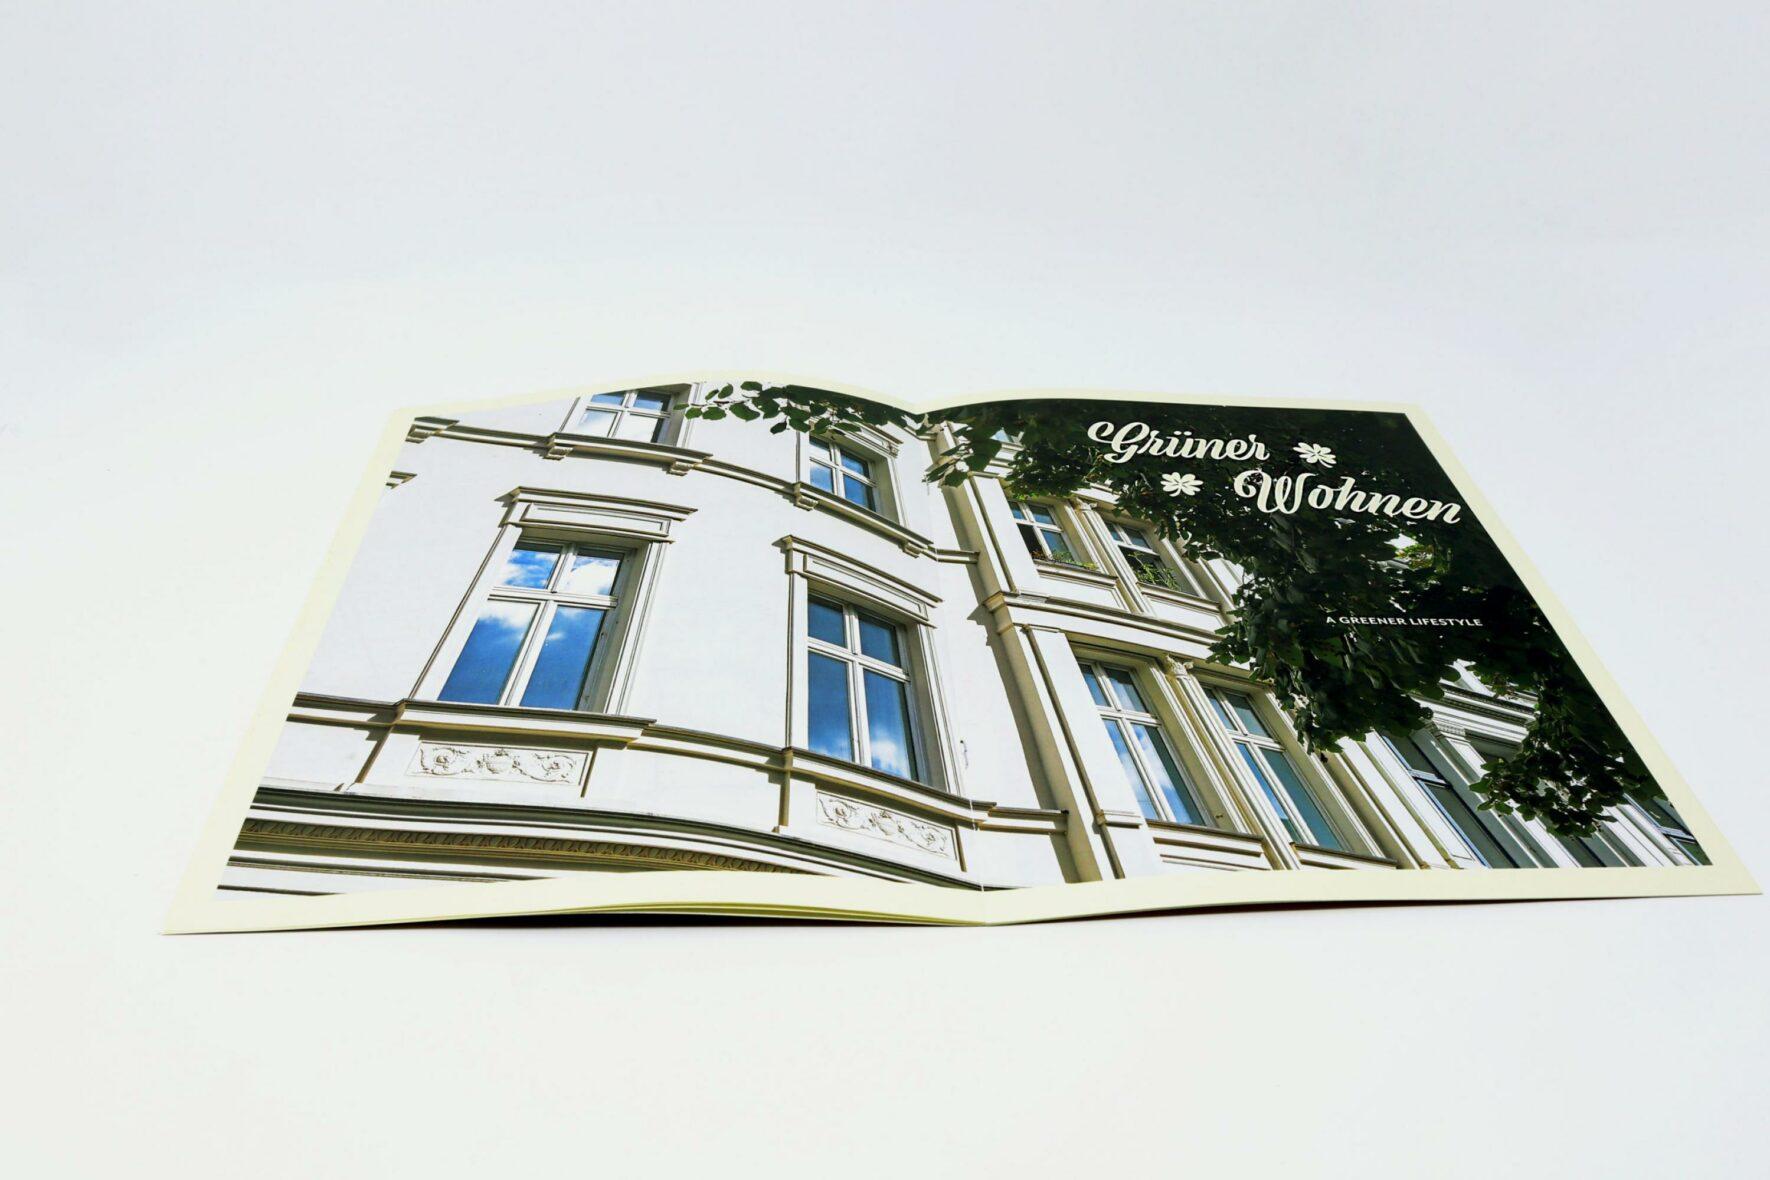 Corporate_Design-Trendcity_Immobilien-Broschüre-Bergmann-Layout-4